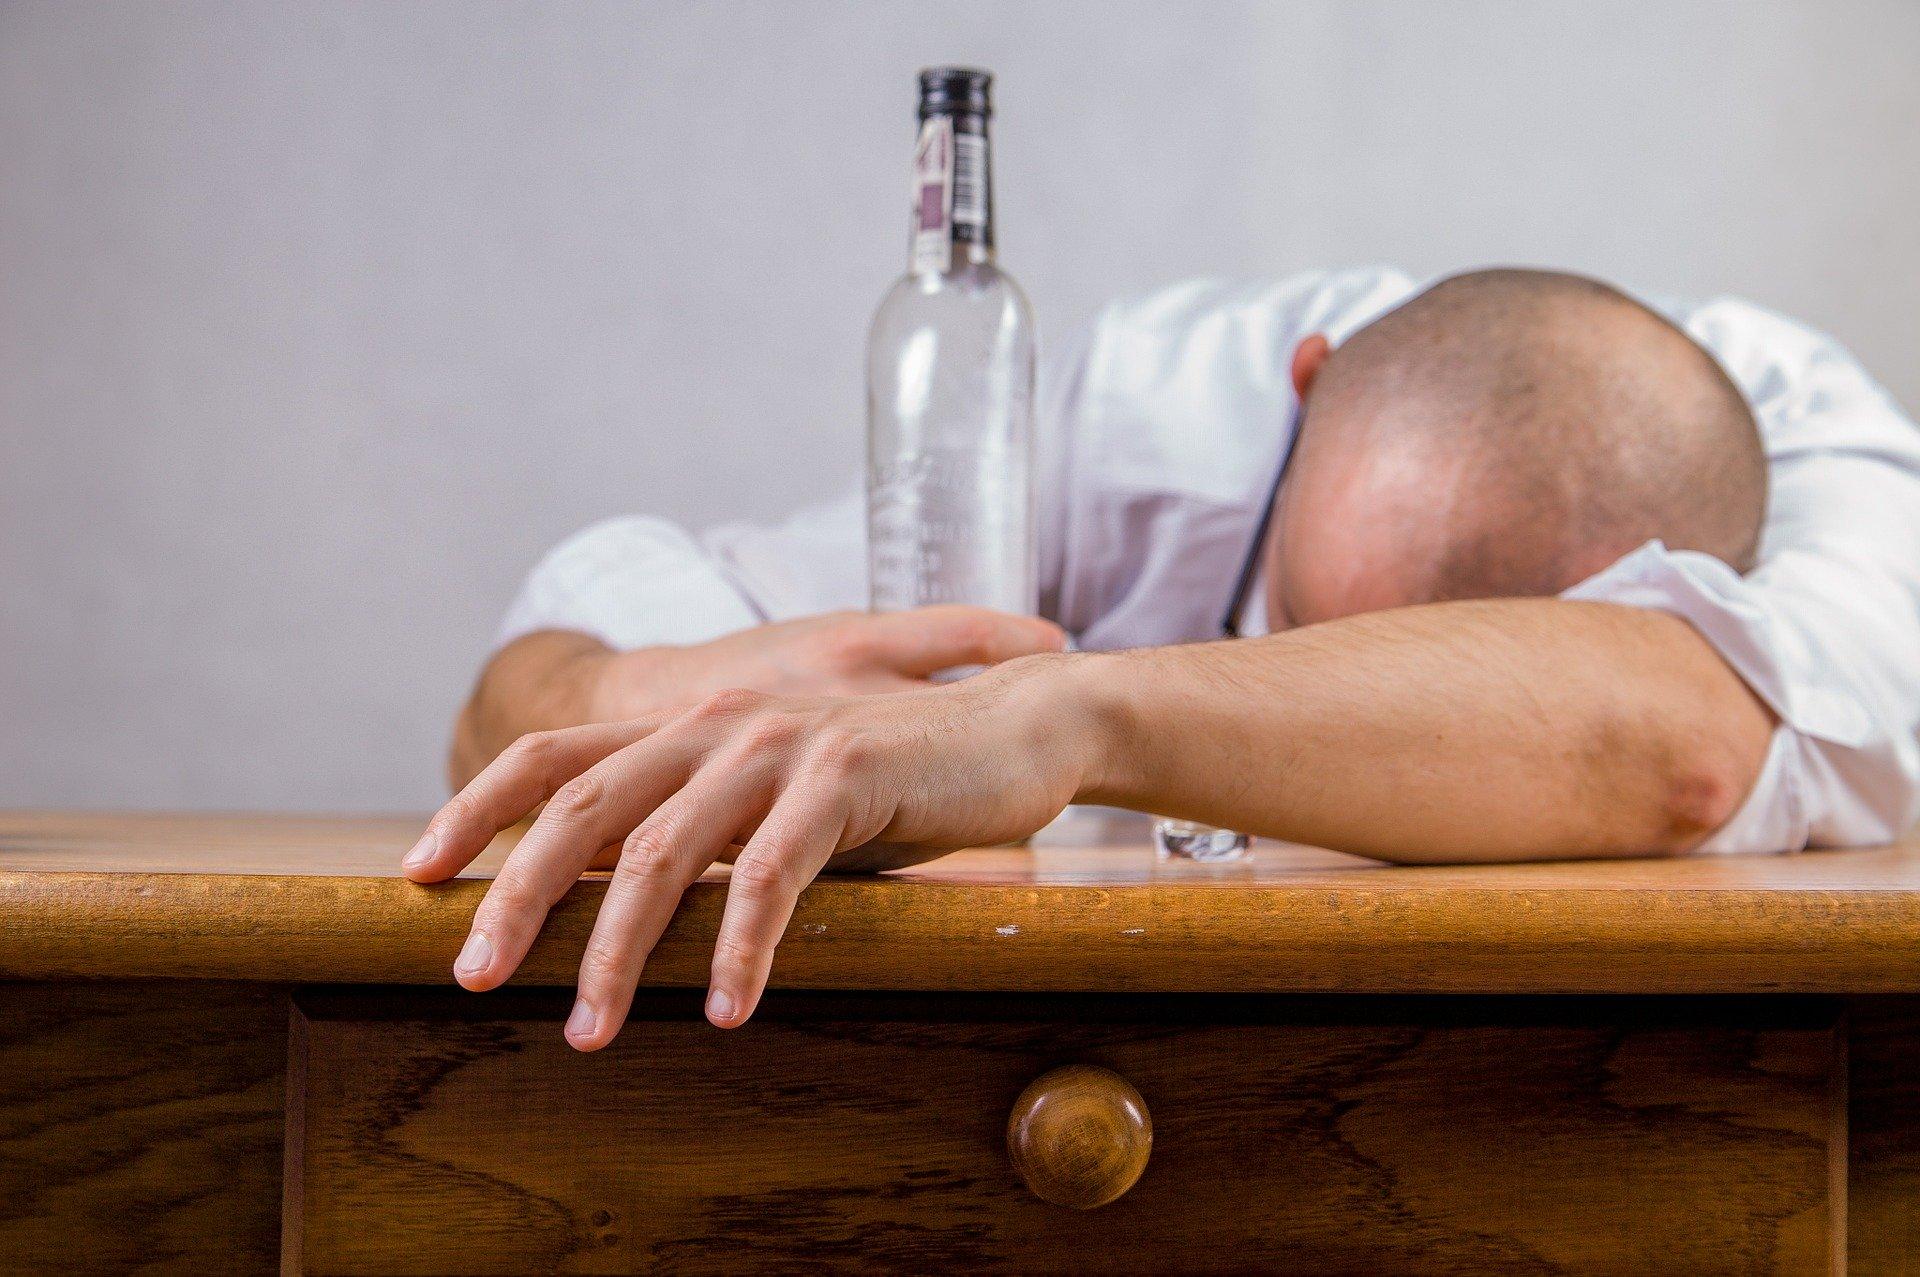 【お酒あるある】お酒の失敗経験談!飲みすぎ注意【マネするな】